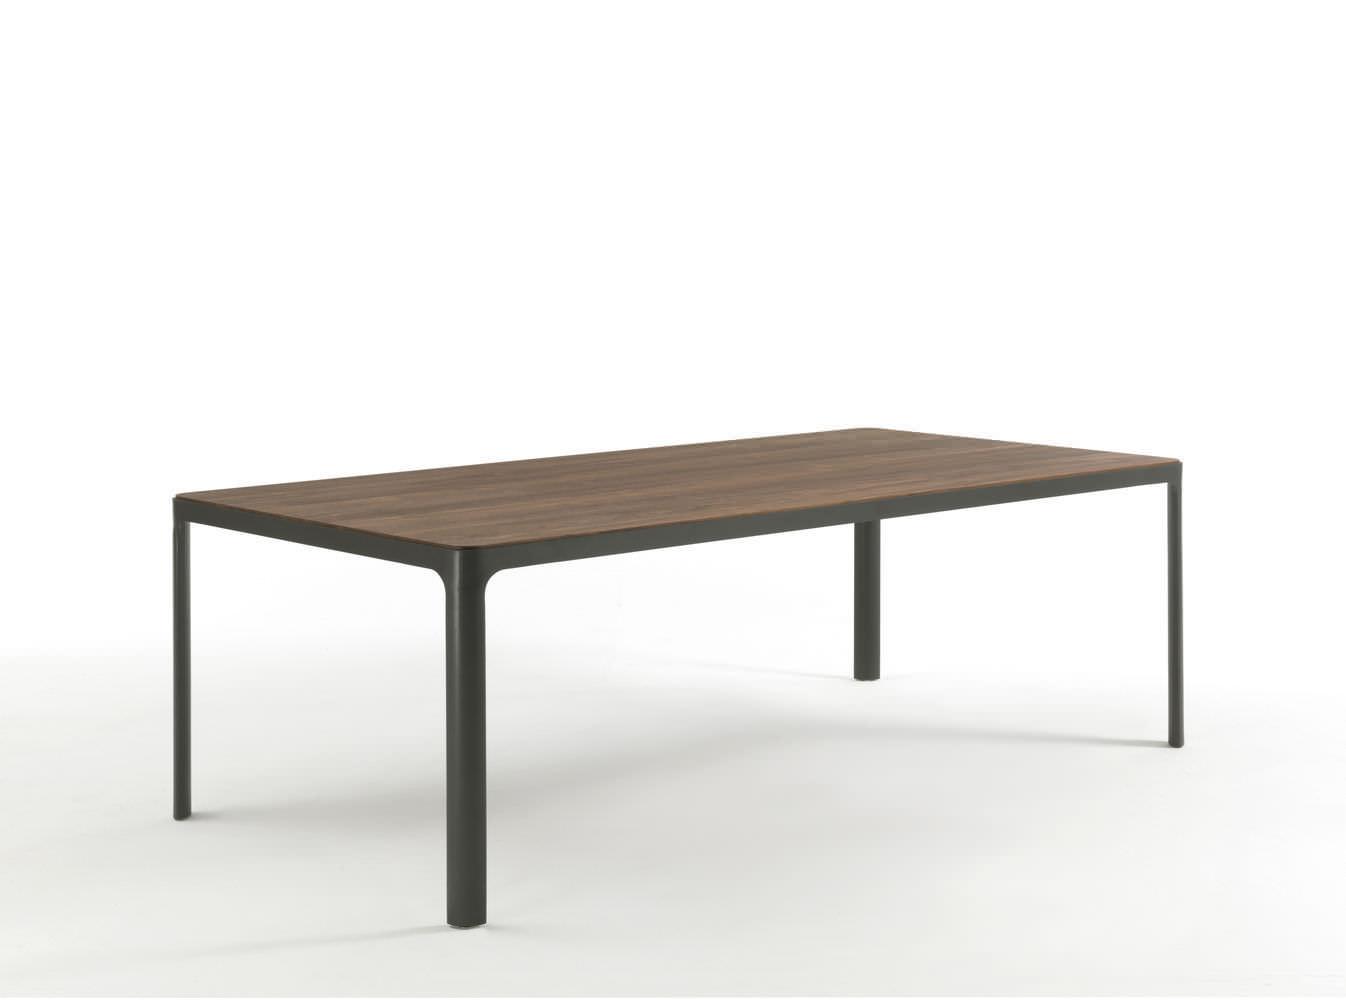 moderner tisch / holz / lackiertes metall / rechteckig - hug by, Möbel